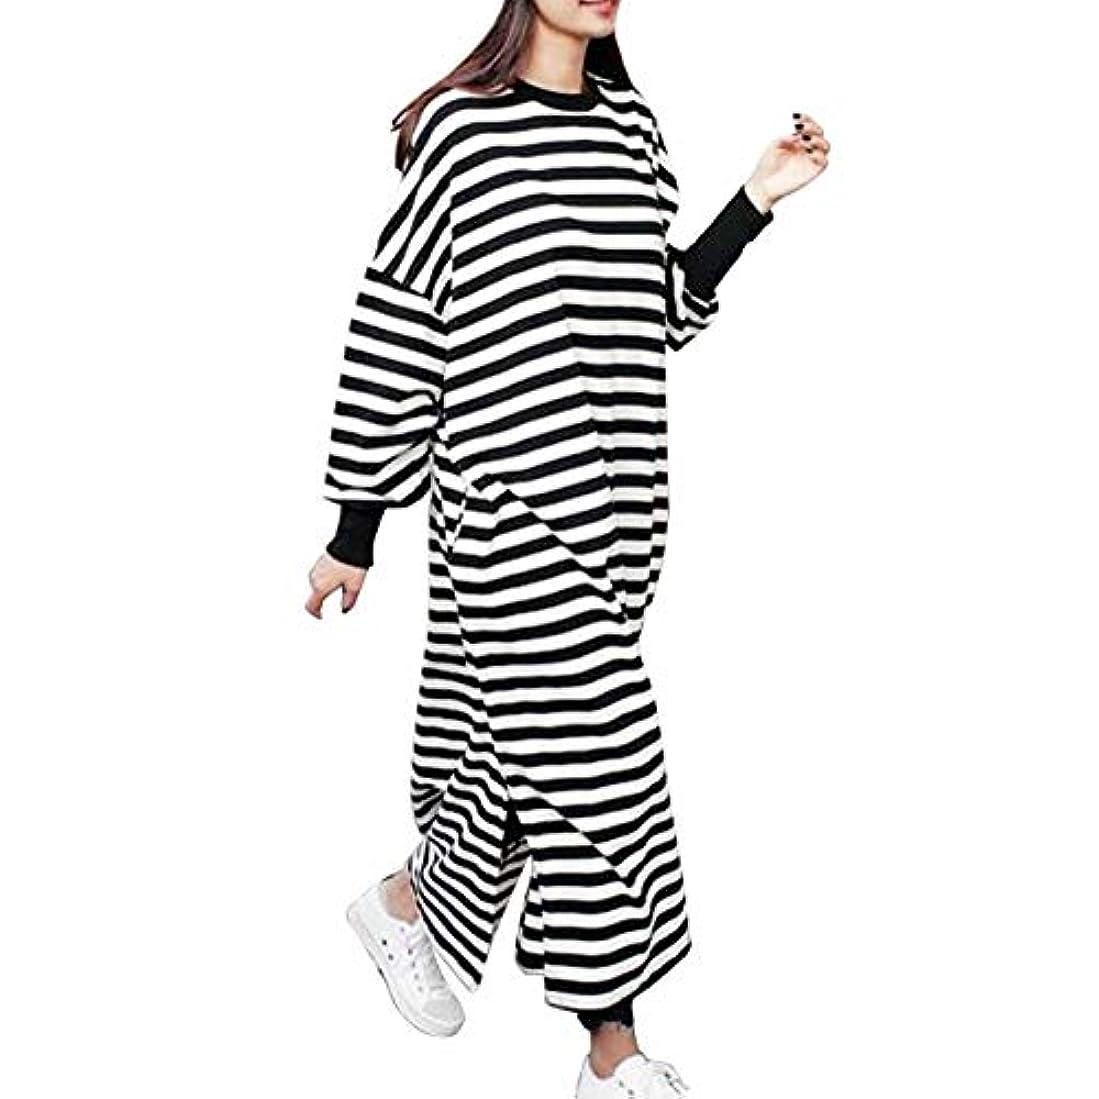 上向き腰ロール[ココチエ] ワンマイルウェア レディース リラックスウェア ワンピース かわいい 部屋着 パジャマ ロング丈